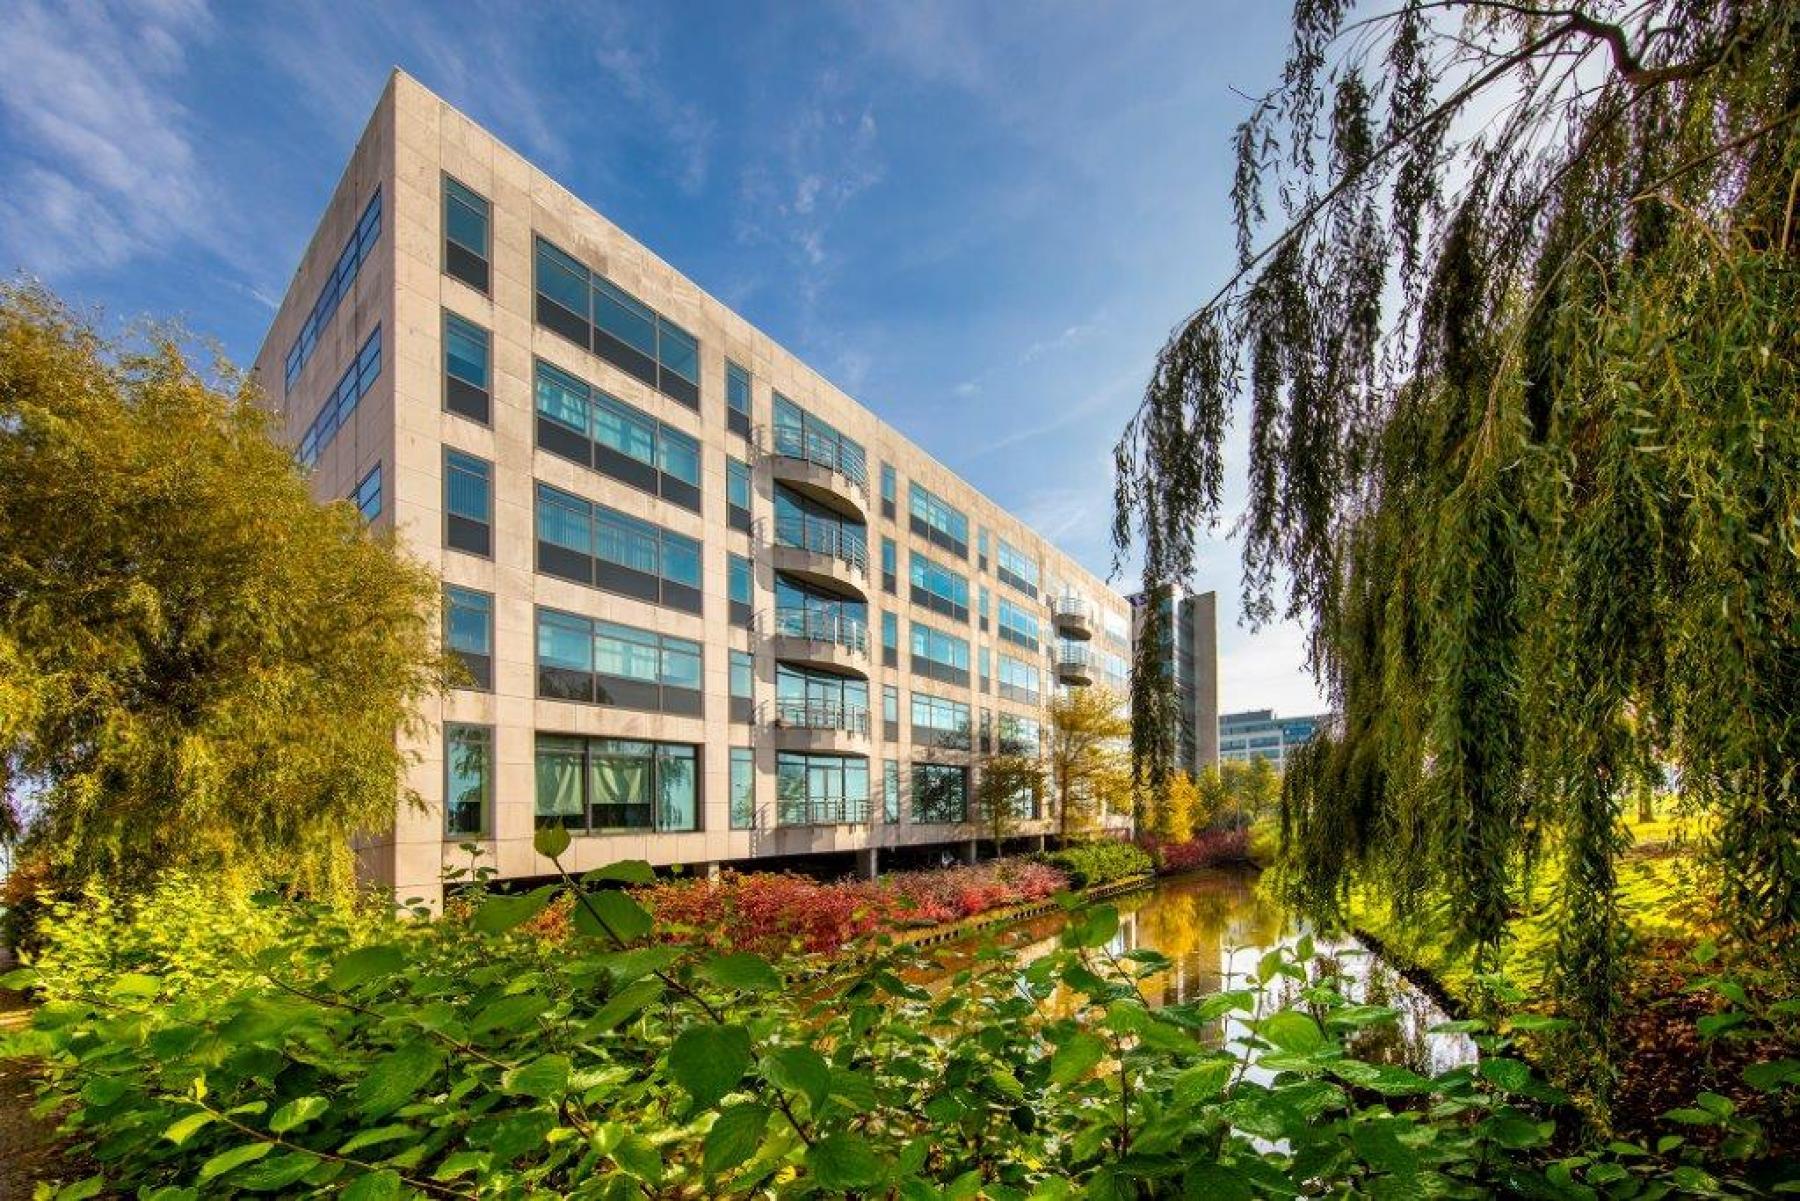 kantoorgebouw schiphol airport amsterdam groene omgeving water huur SKEPP